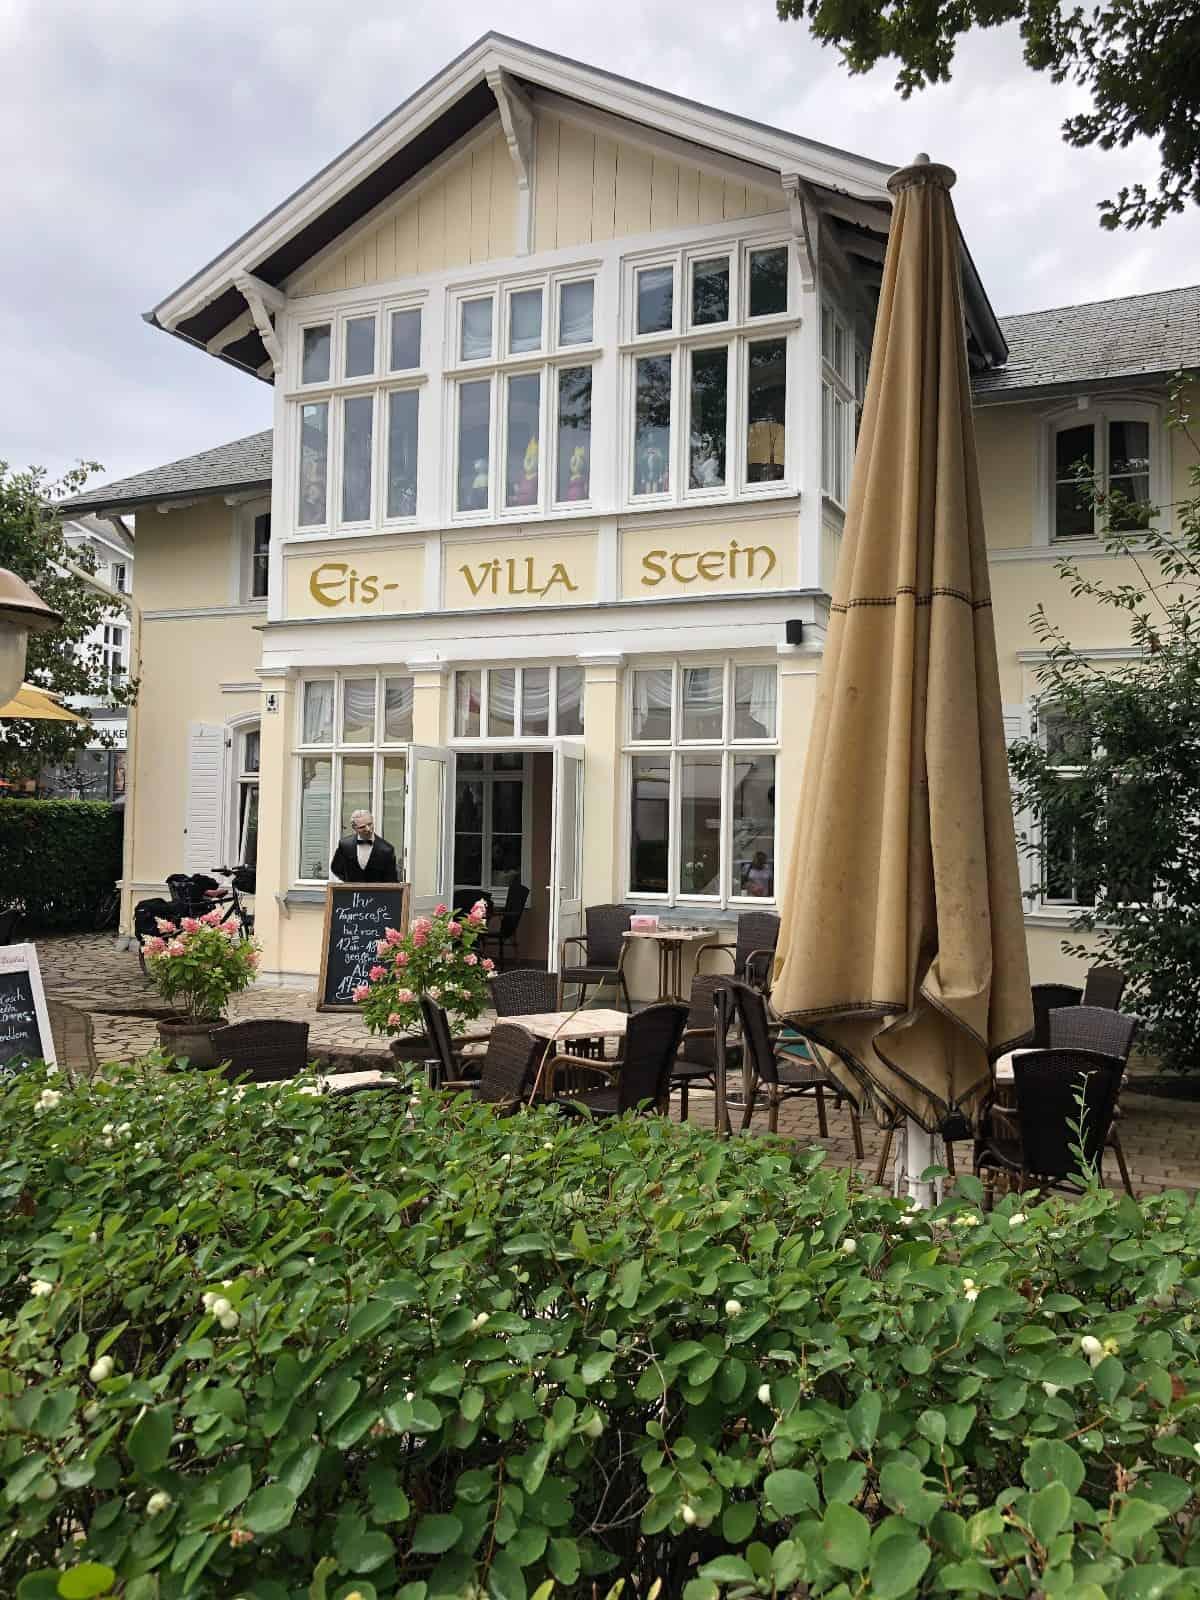 Eis Villa Stein